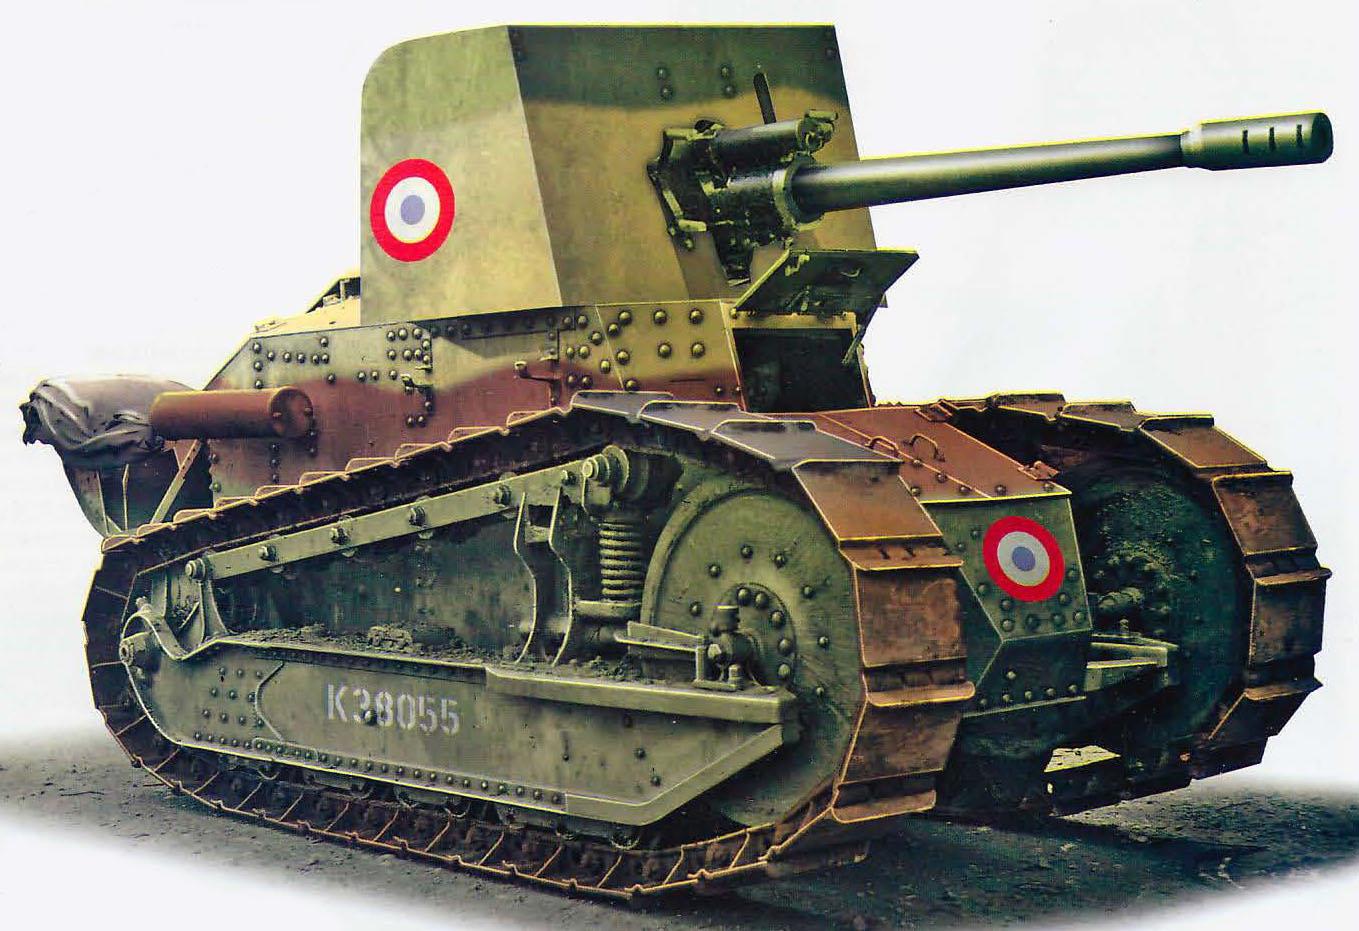 ft 17 antichar tank destroyers world of tanks official forum. Black Bedroom Furniture Sets. Home Design Ideas